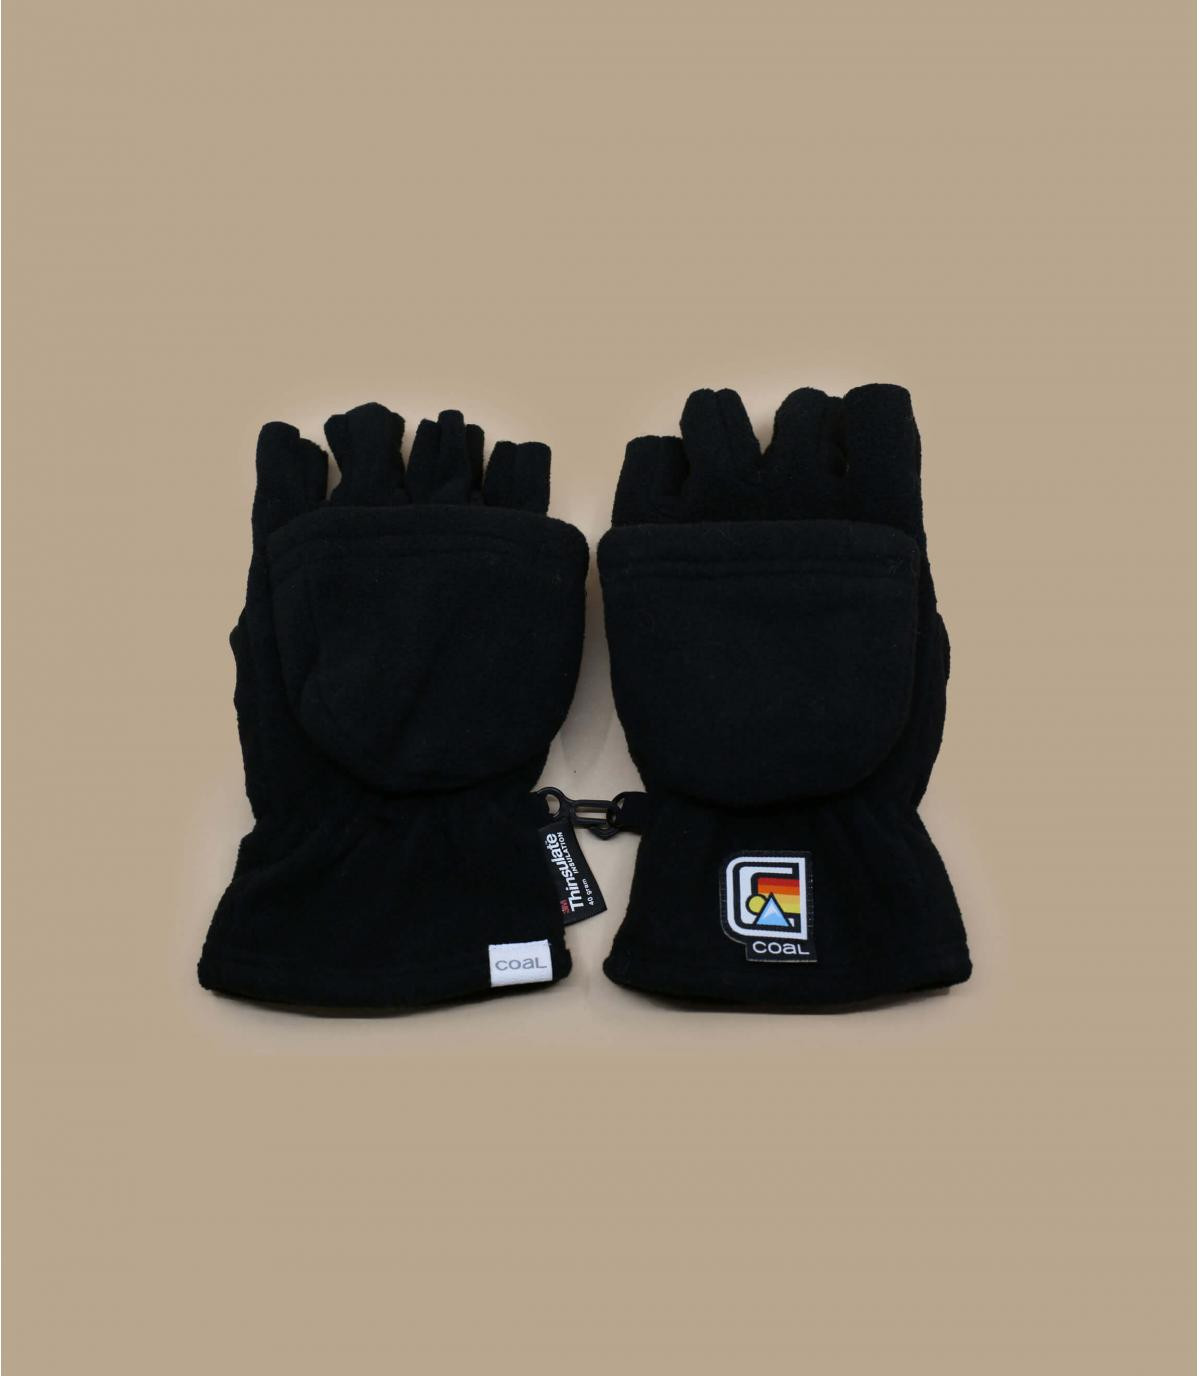 Handschuh Halbfingerhandschuh schwarz Coal